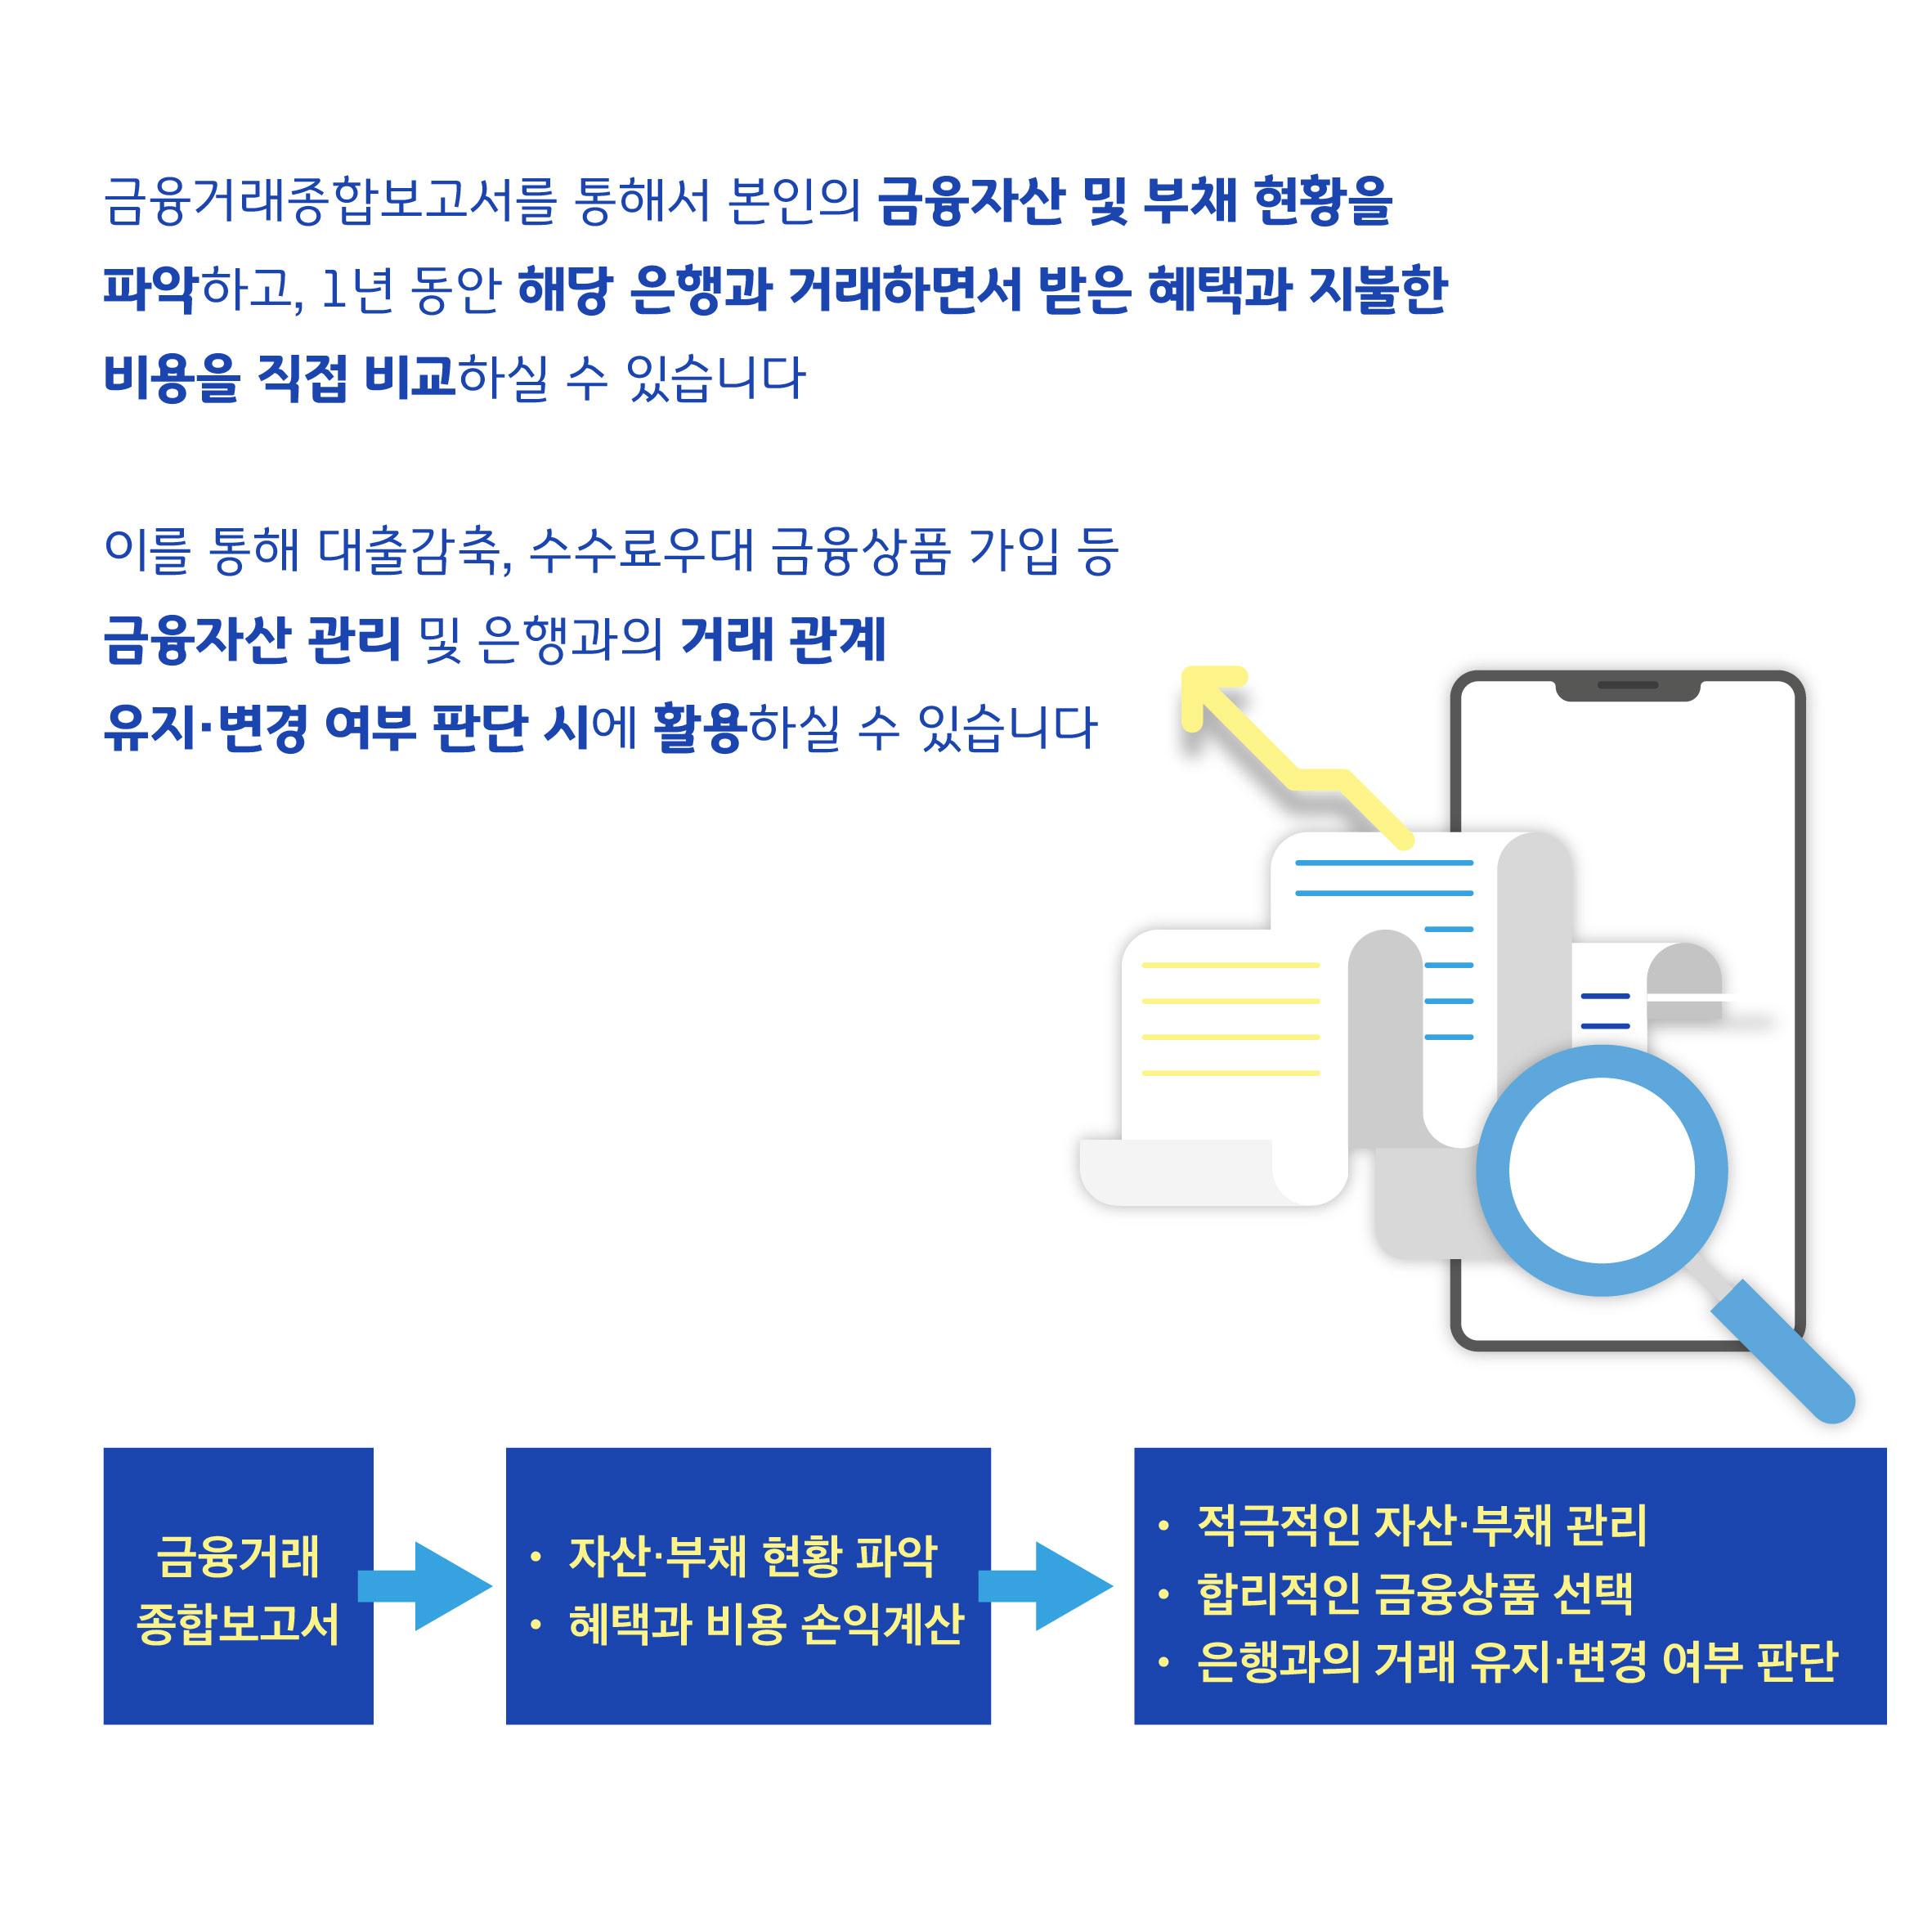 2. 어떻게 이용할 수 있나요? 거래은행 영업점을 방문하거나 인터넷‧모바일뱅킹에 접속해 '금융거래종합보고서' 서비스를 신청하면 무료로 제공받을 수 있습니다